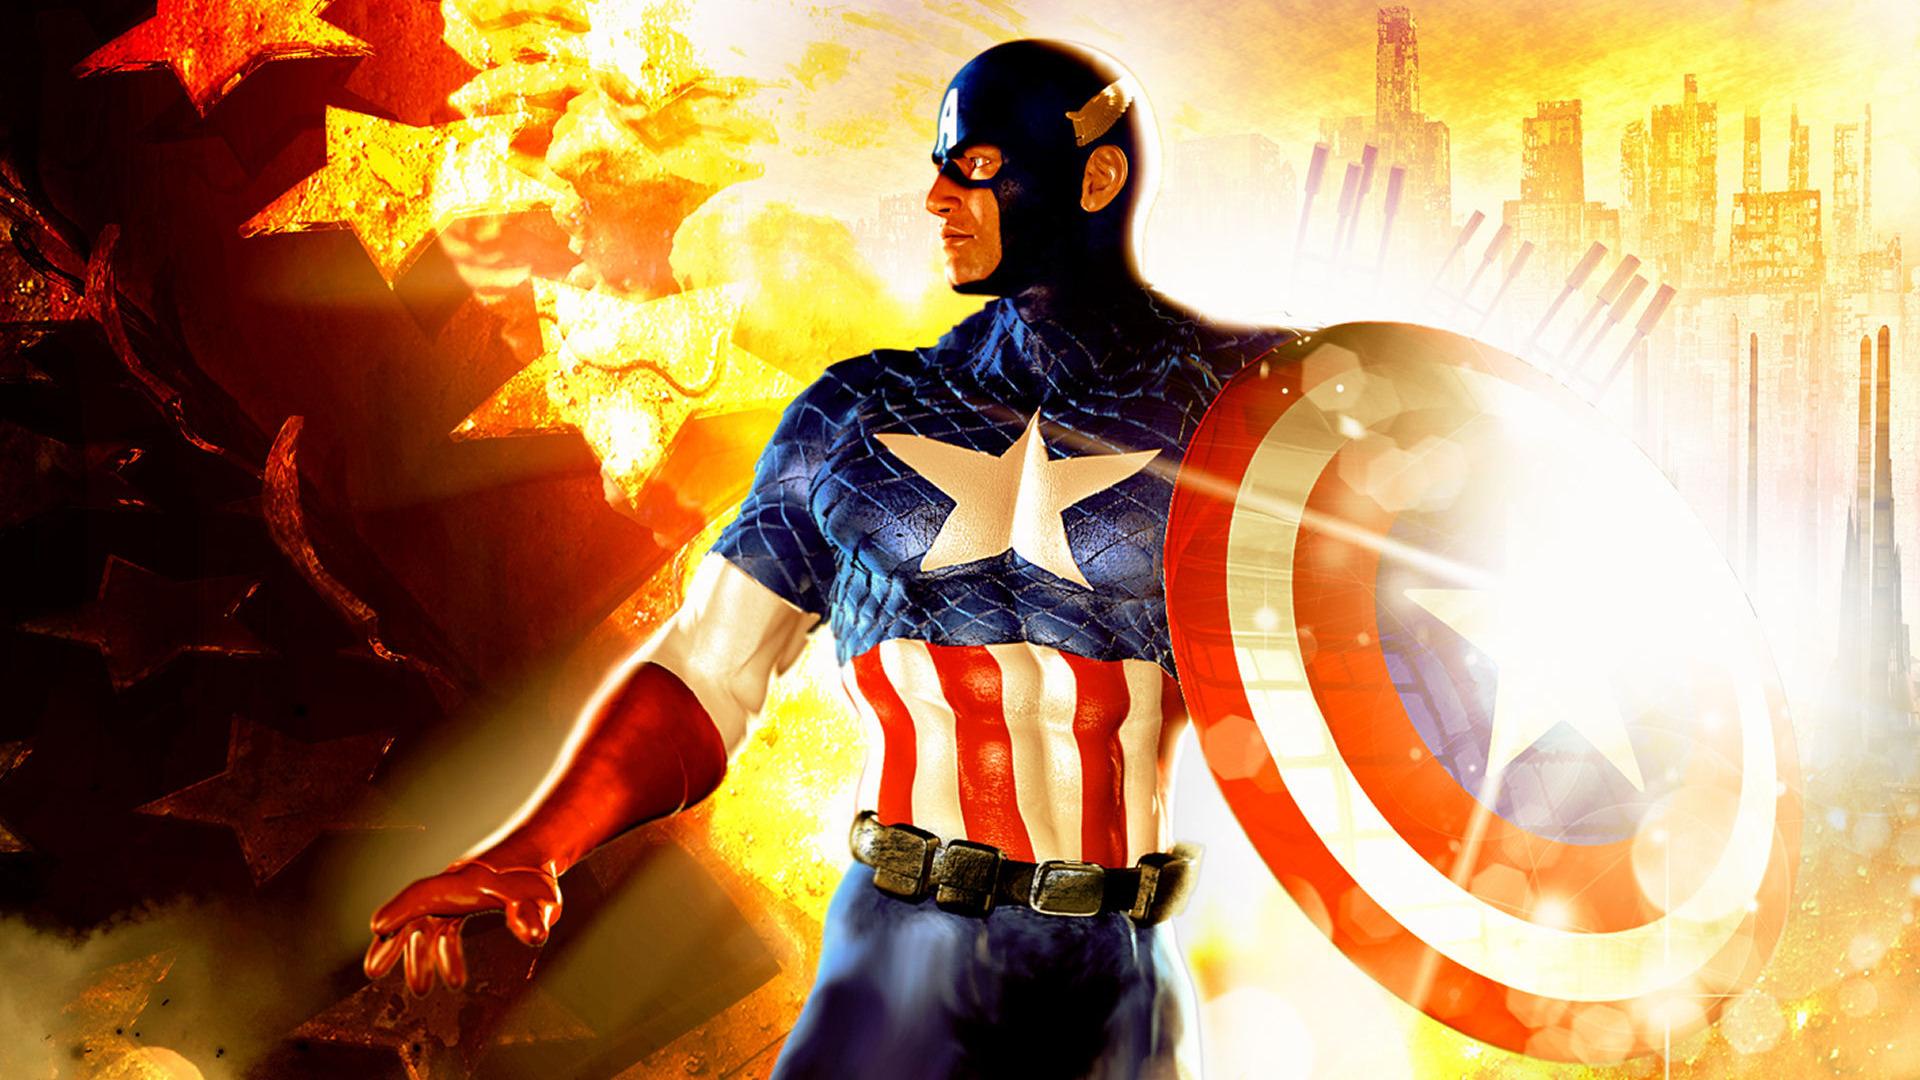 captain america wallpaper for desktop1 (7)